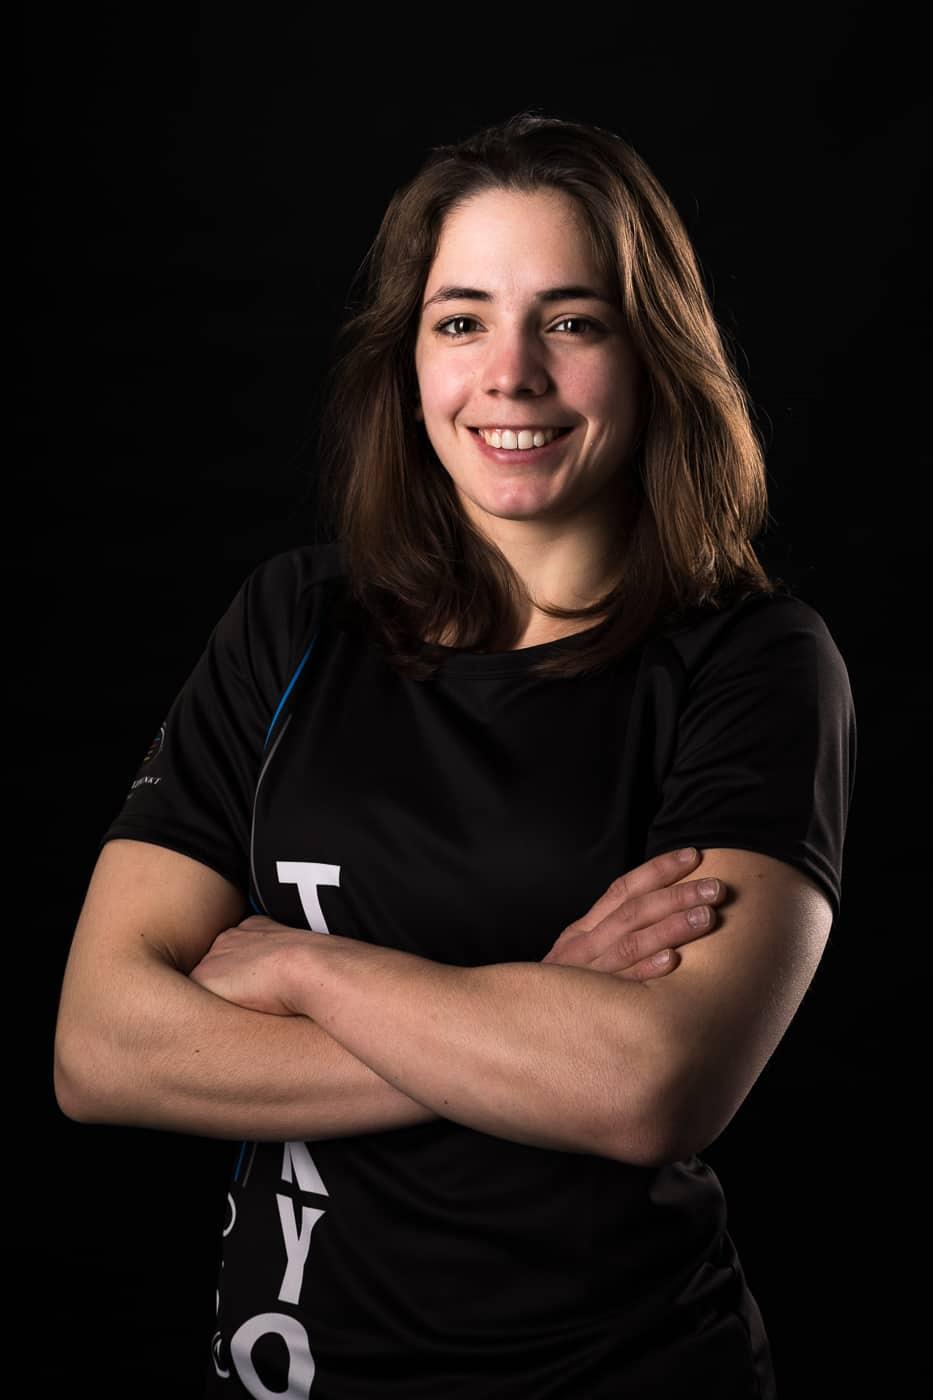 Profilbild Laura Mertens